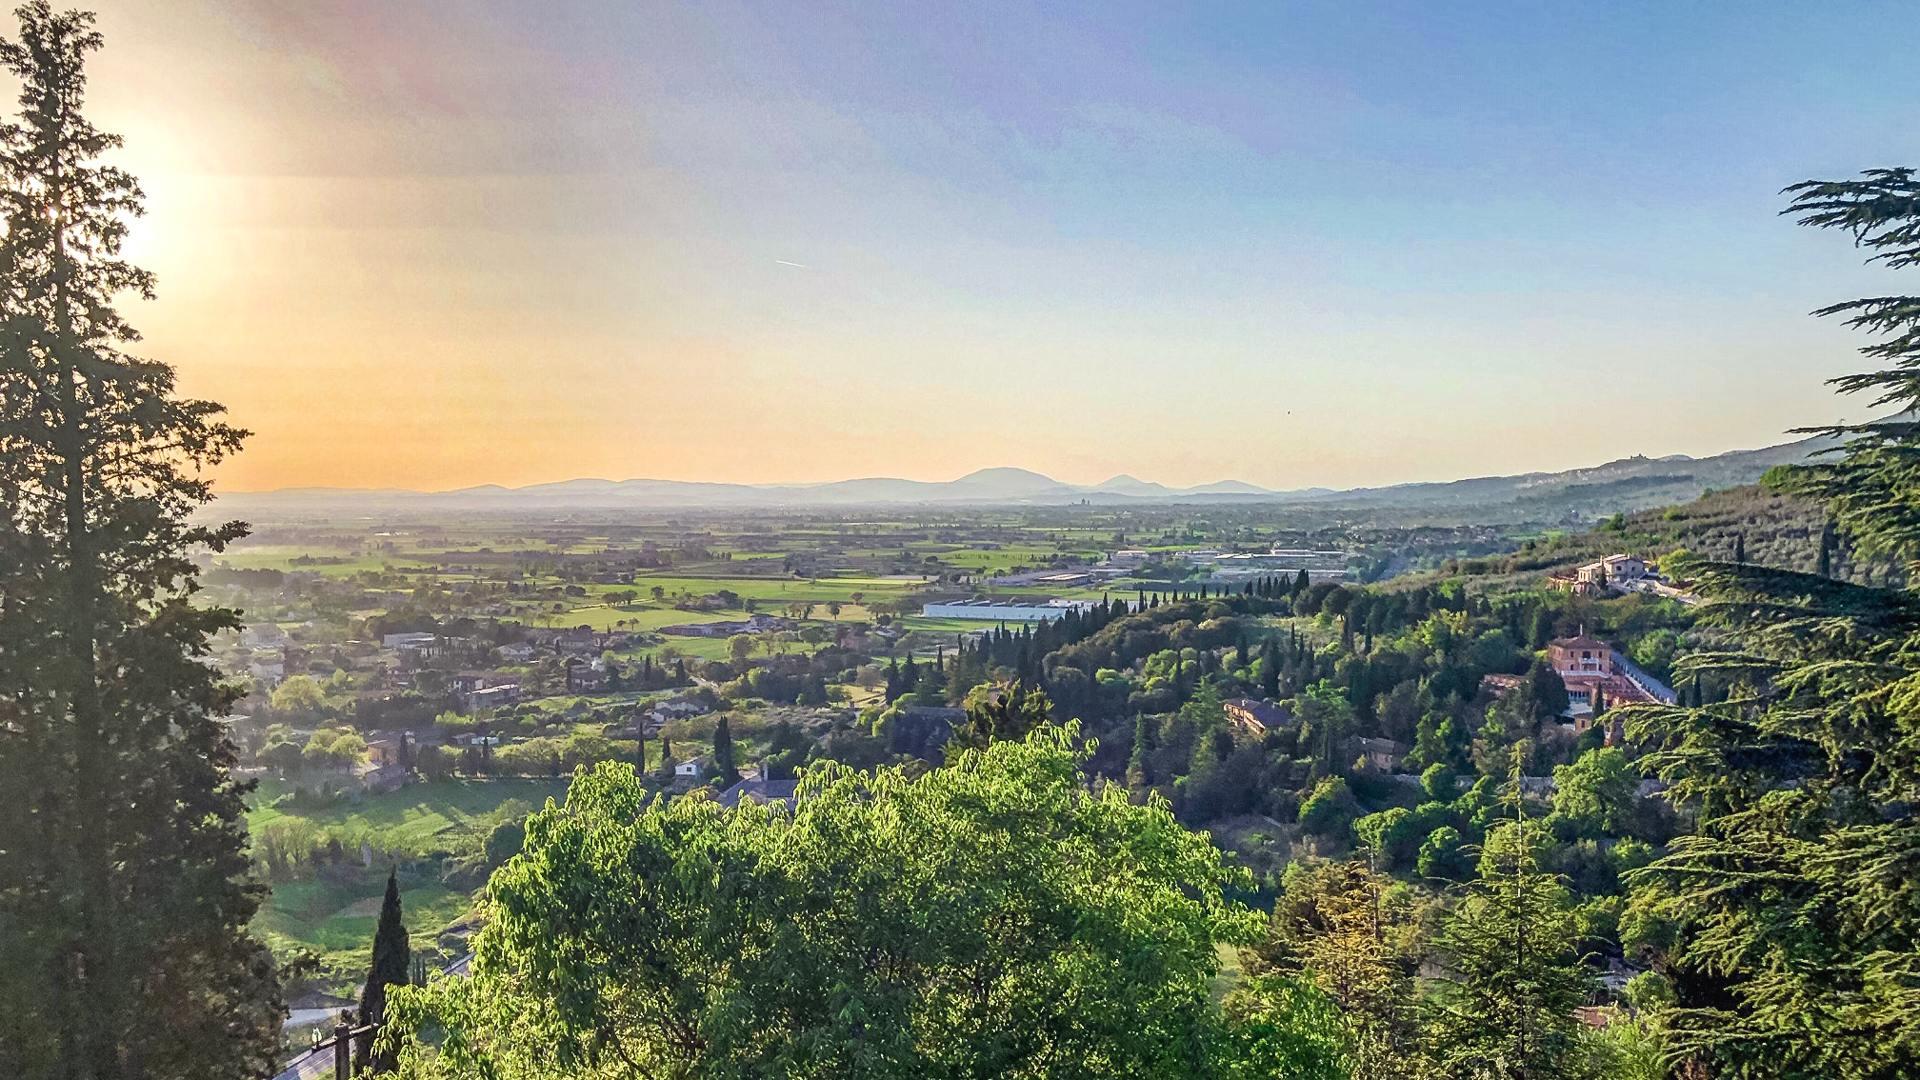 Una vista meravigliosa su tutto il verde delle colline e pianure che la regione Umbria a offire. Sullo sfondo si nascondono alla vista alcuni alti monti baciati dal sole che sta tramontando.